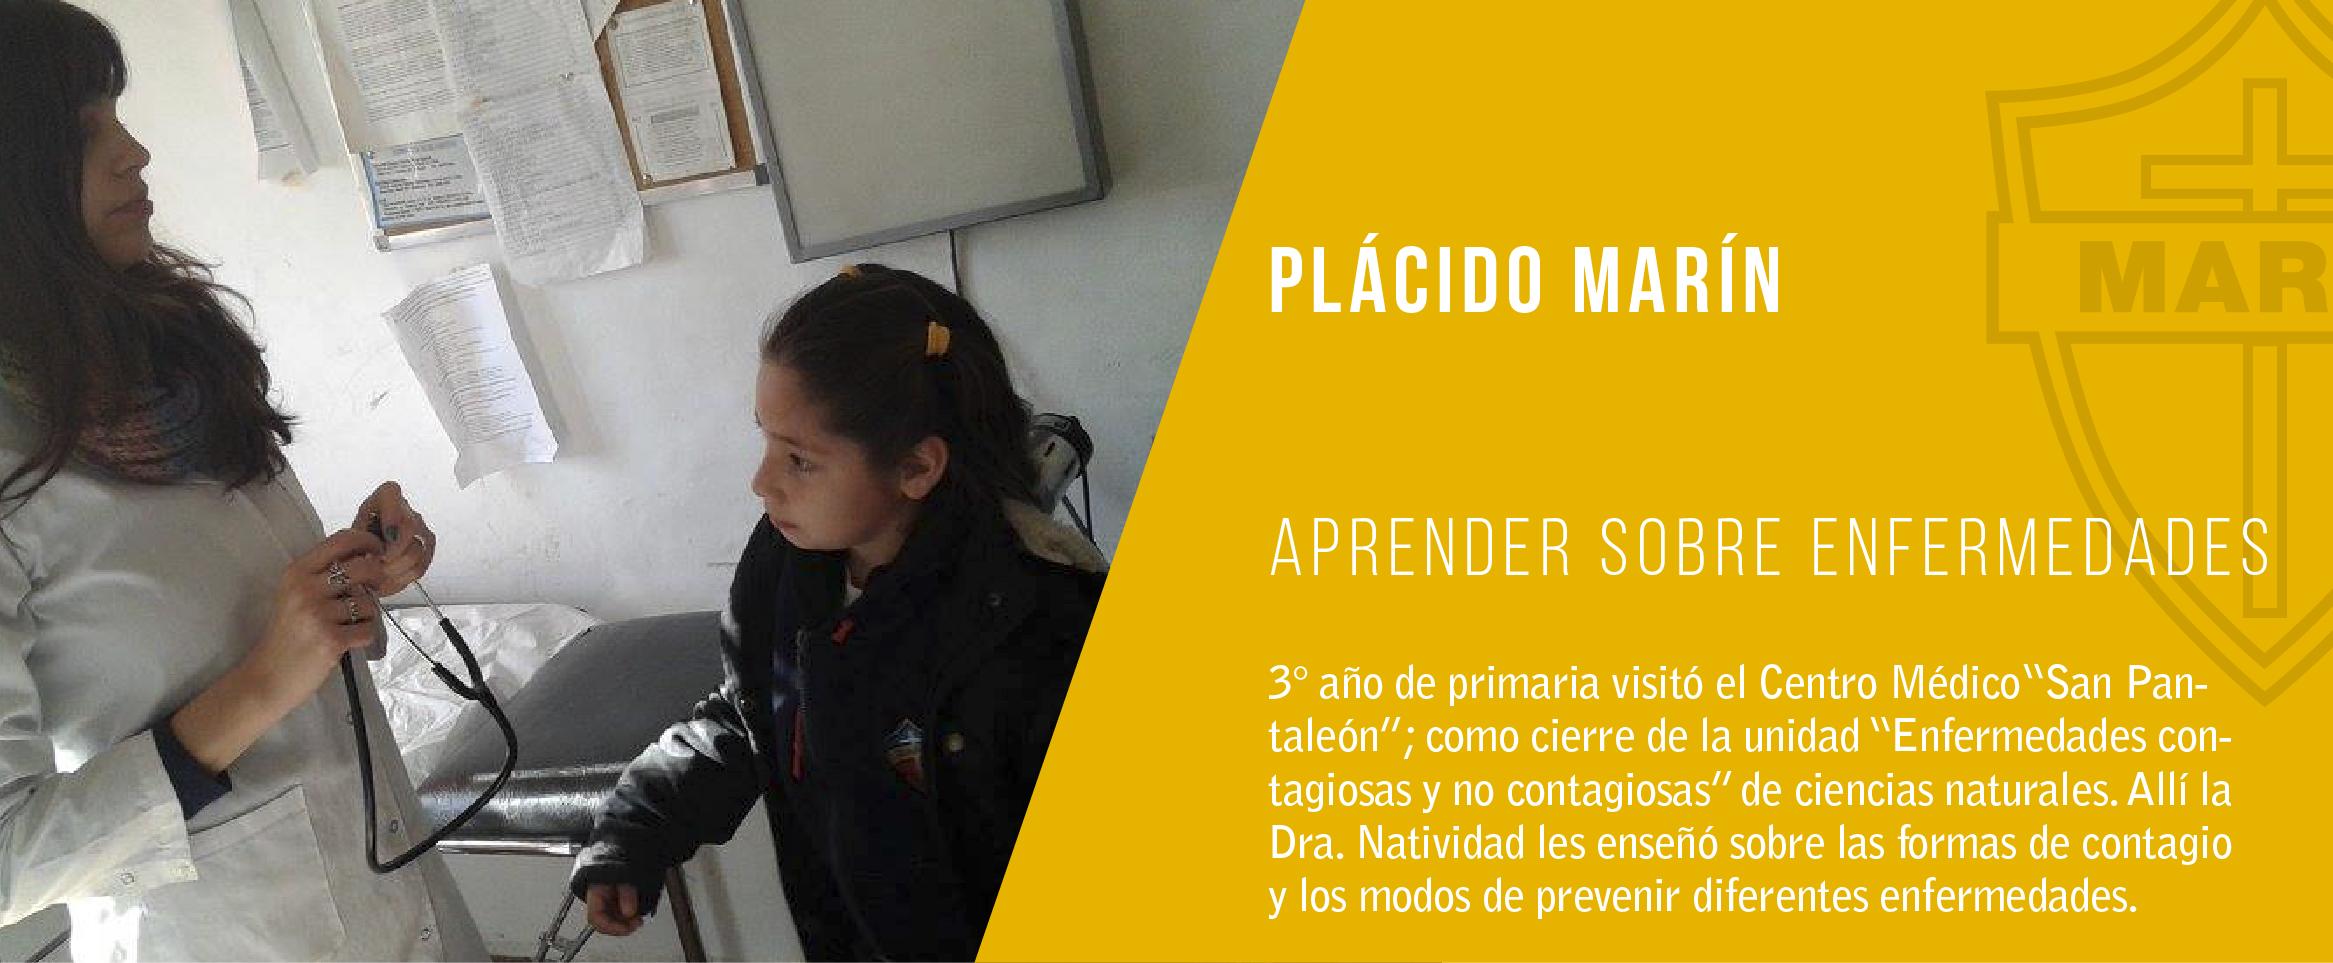 Noticia. aprender sobre enfermedades en el colegio plácido marín